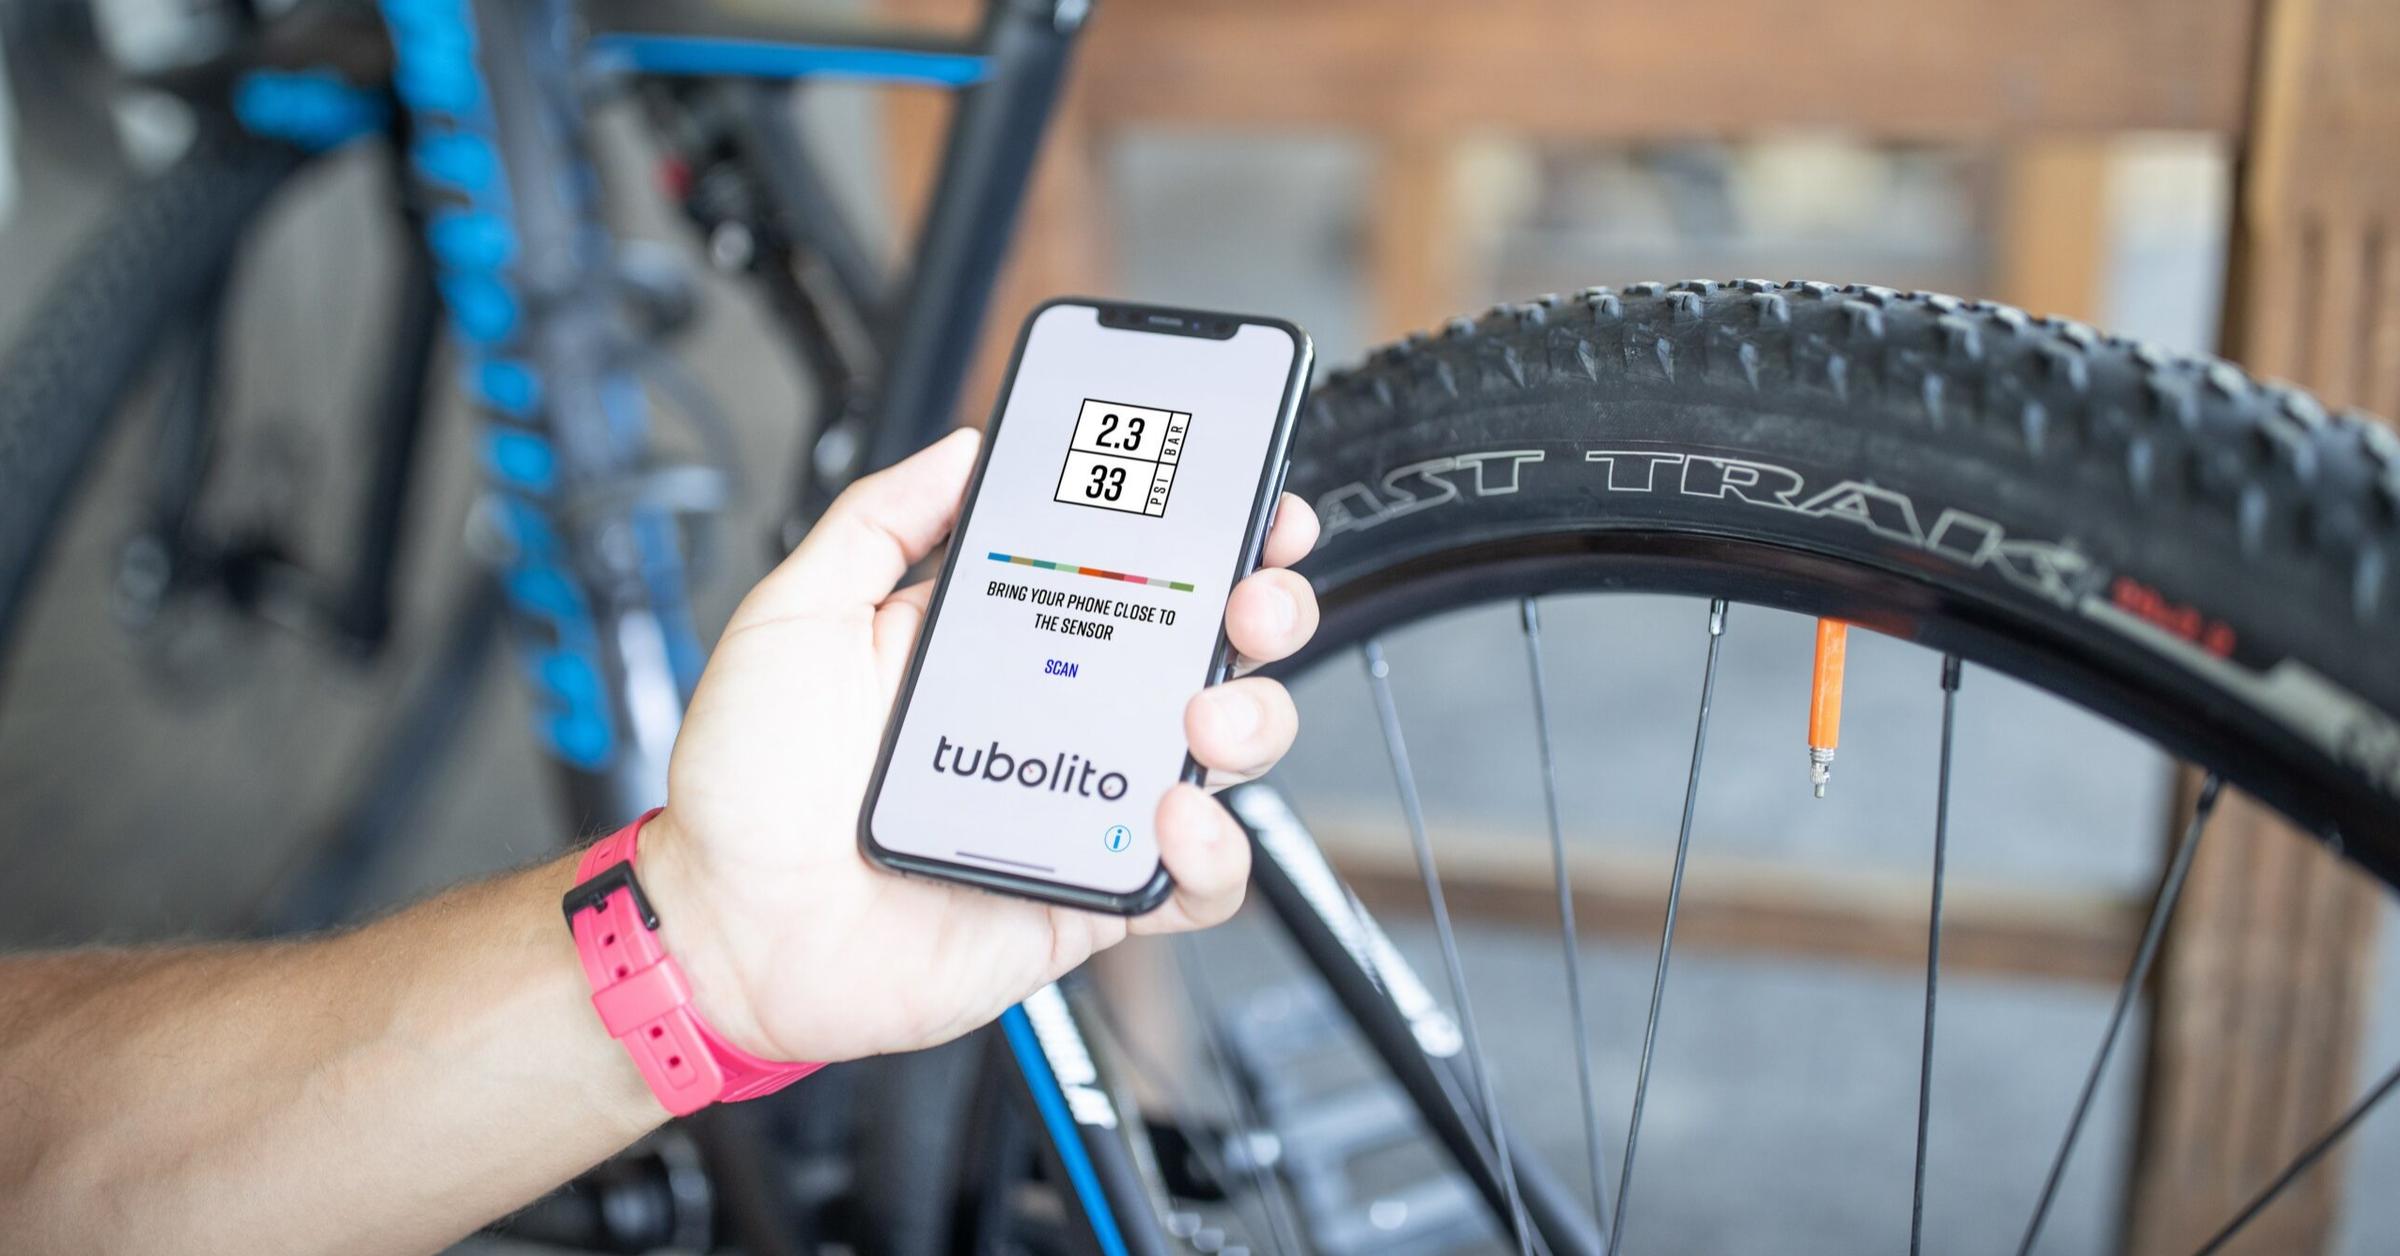 照片中提到了TIRRA .、2.3、33,包含了自行車輪、自行車輪、公路自行車、累、腳踏車